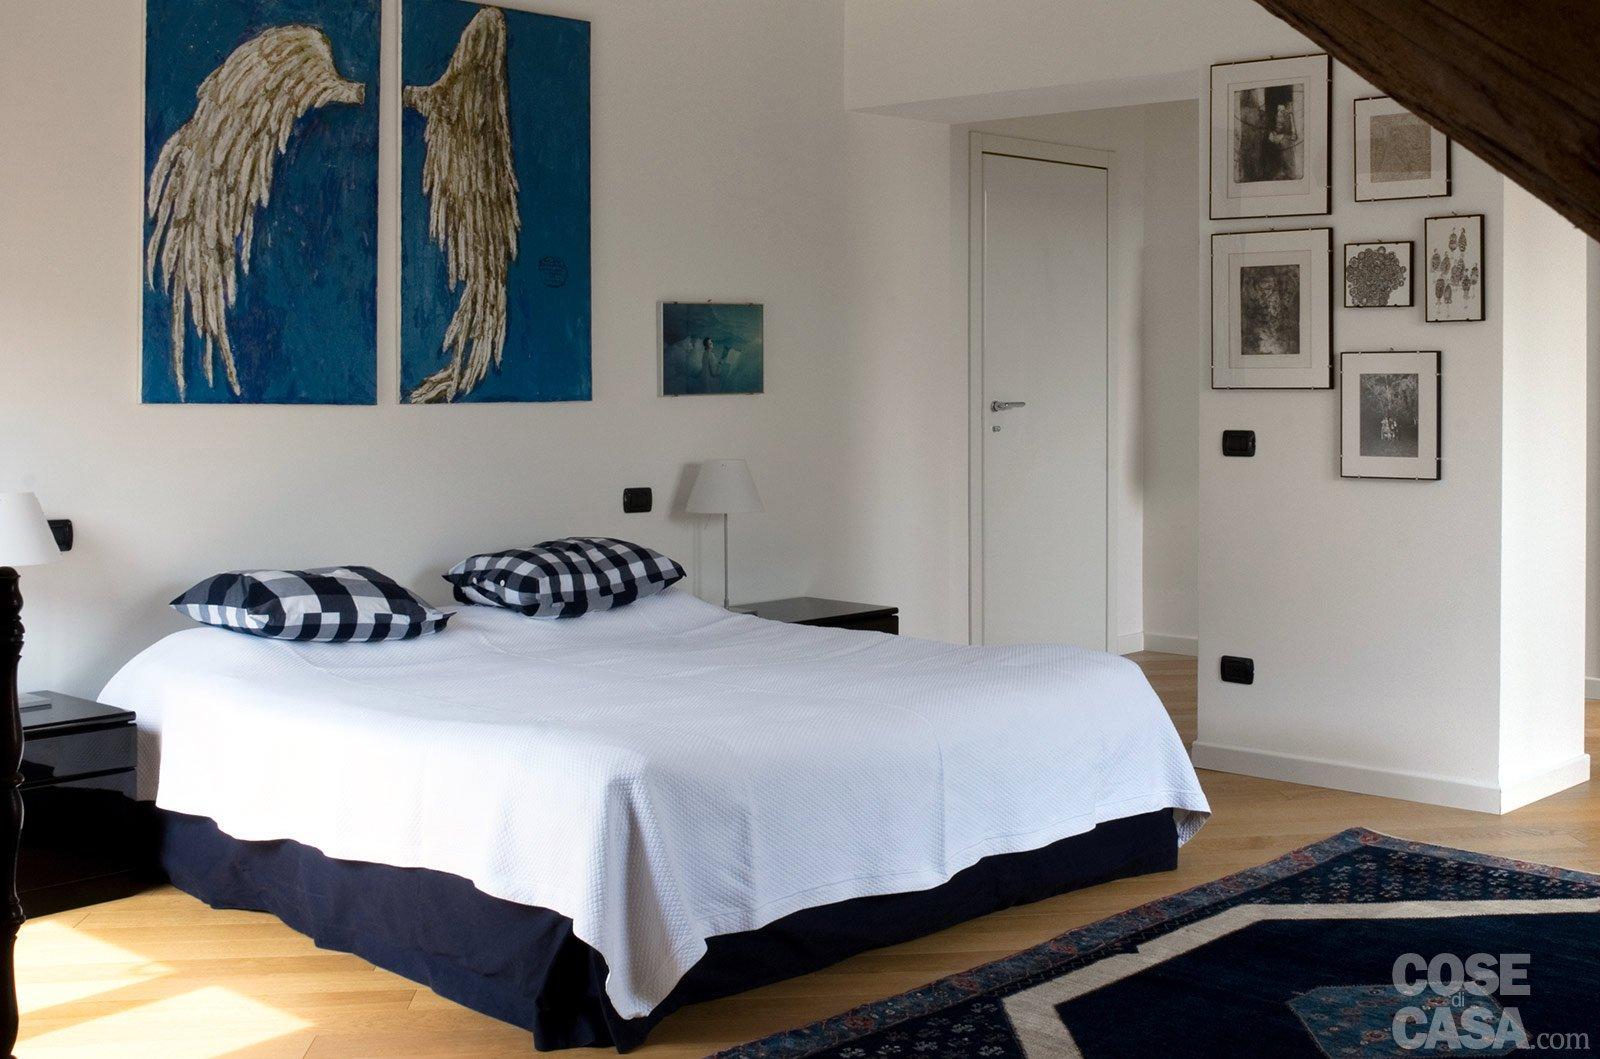 Casabook immobiliare sottotetto una casa con travi a vista - Pilastro portante ...